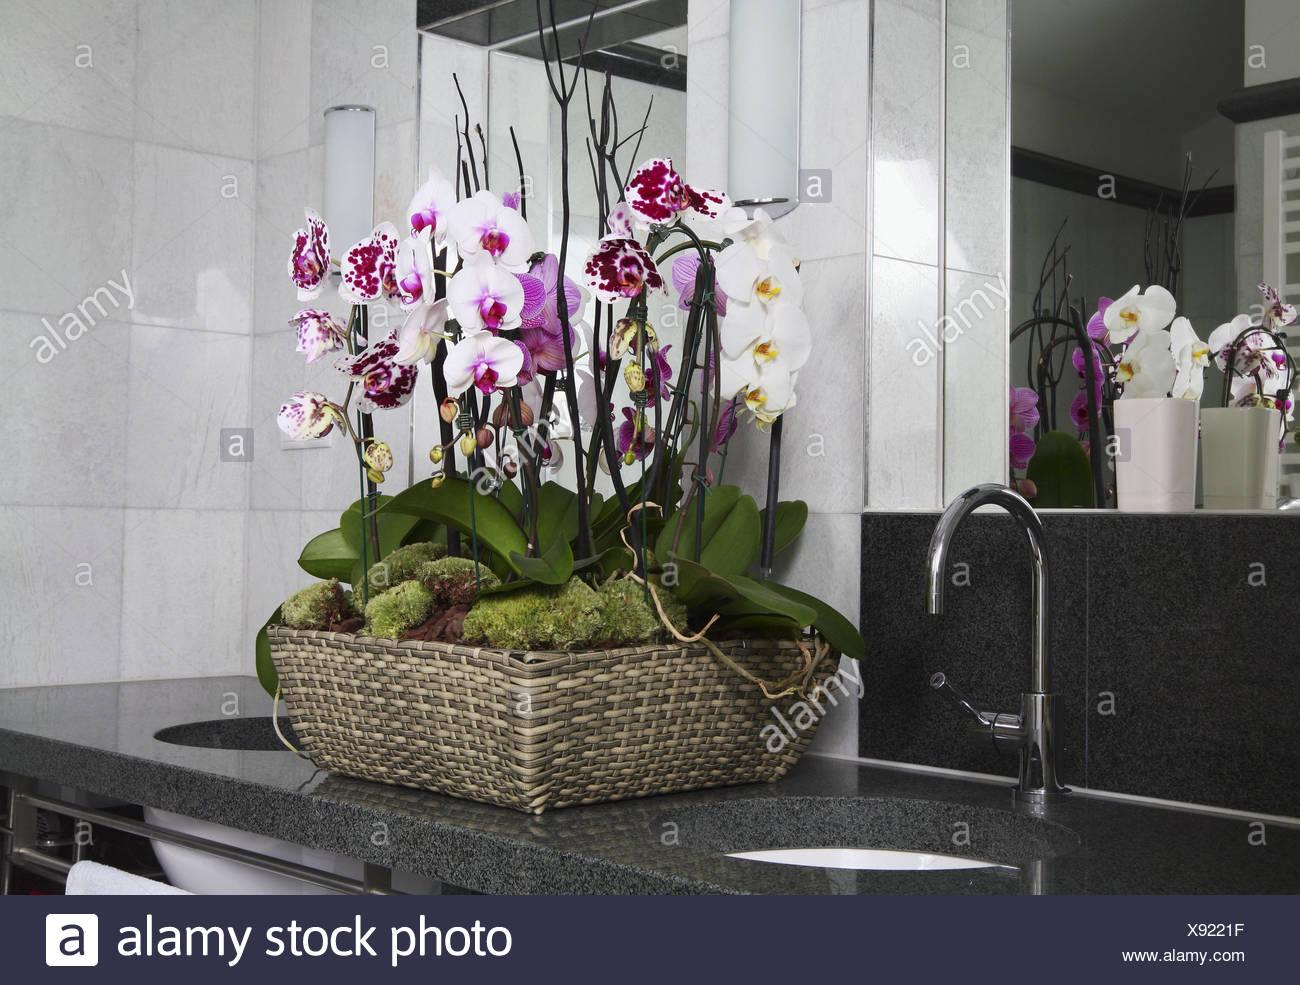 Blühende Pflanzen Fürs Bad